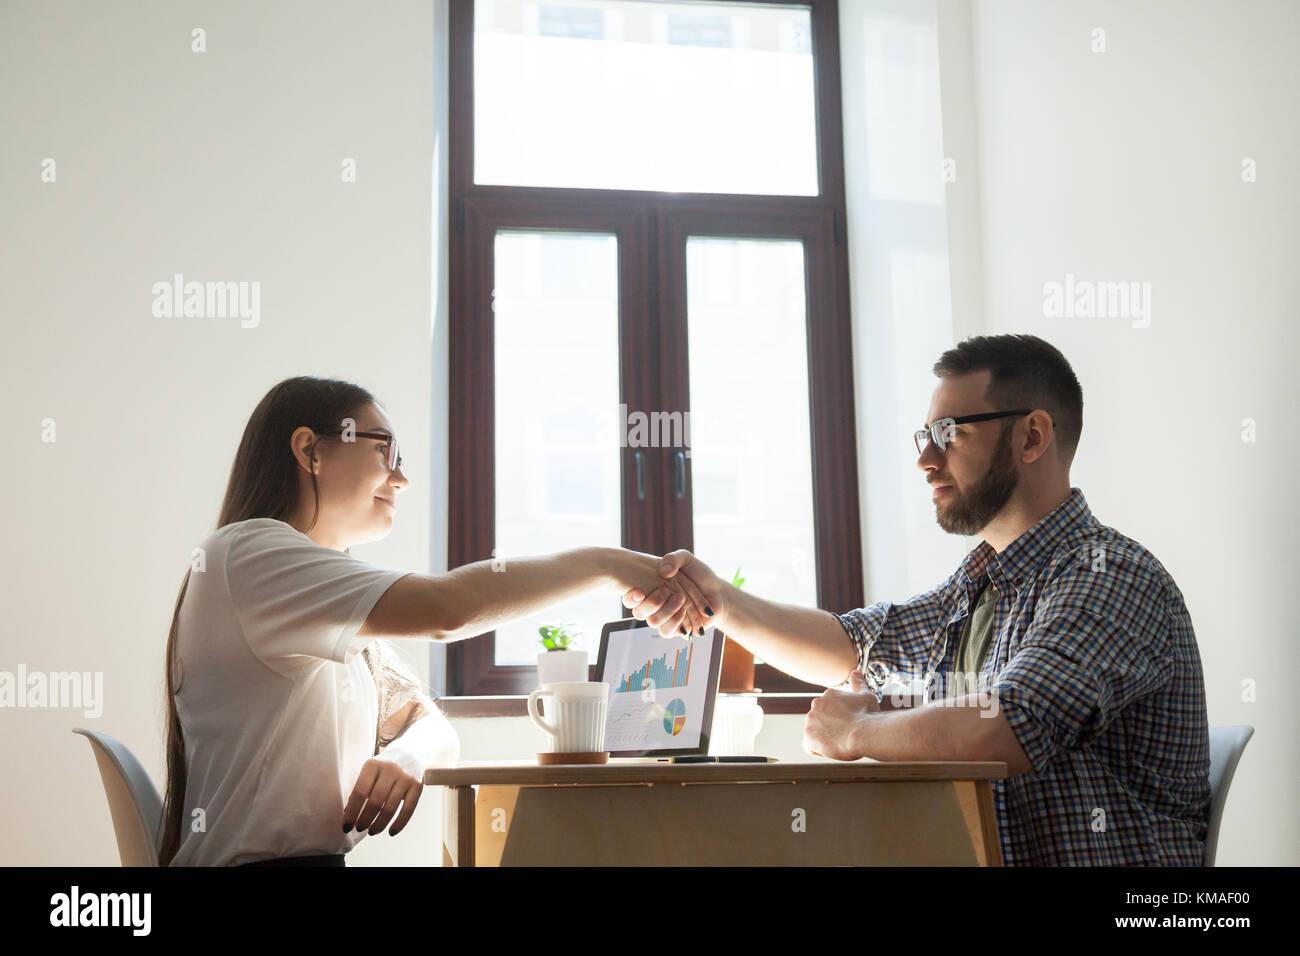 Friendly millennial businessman and businesswoman handshaking sur table office après la négociation d'affaires Photo Stock